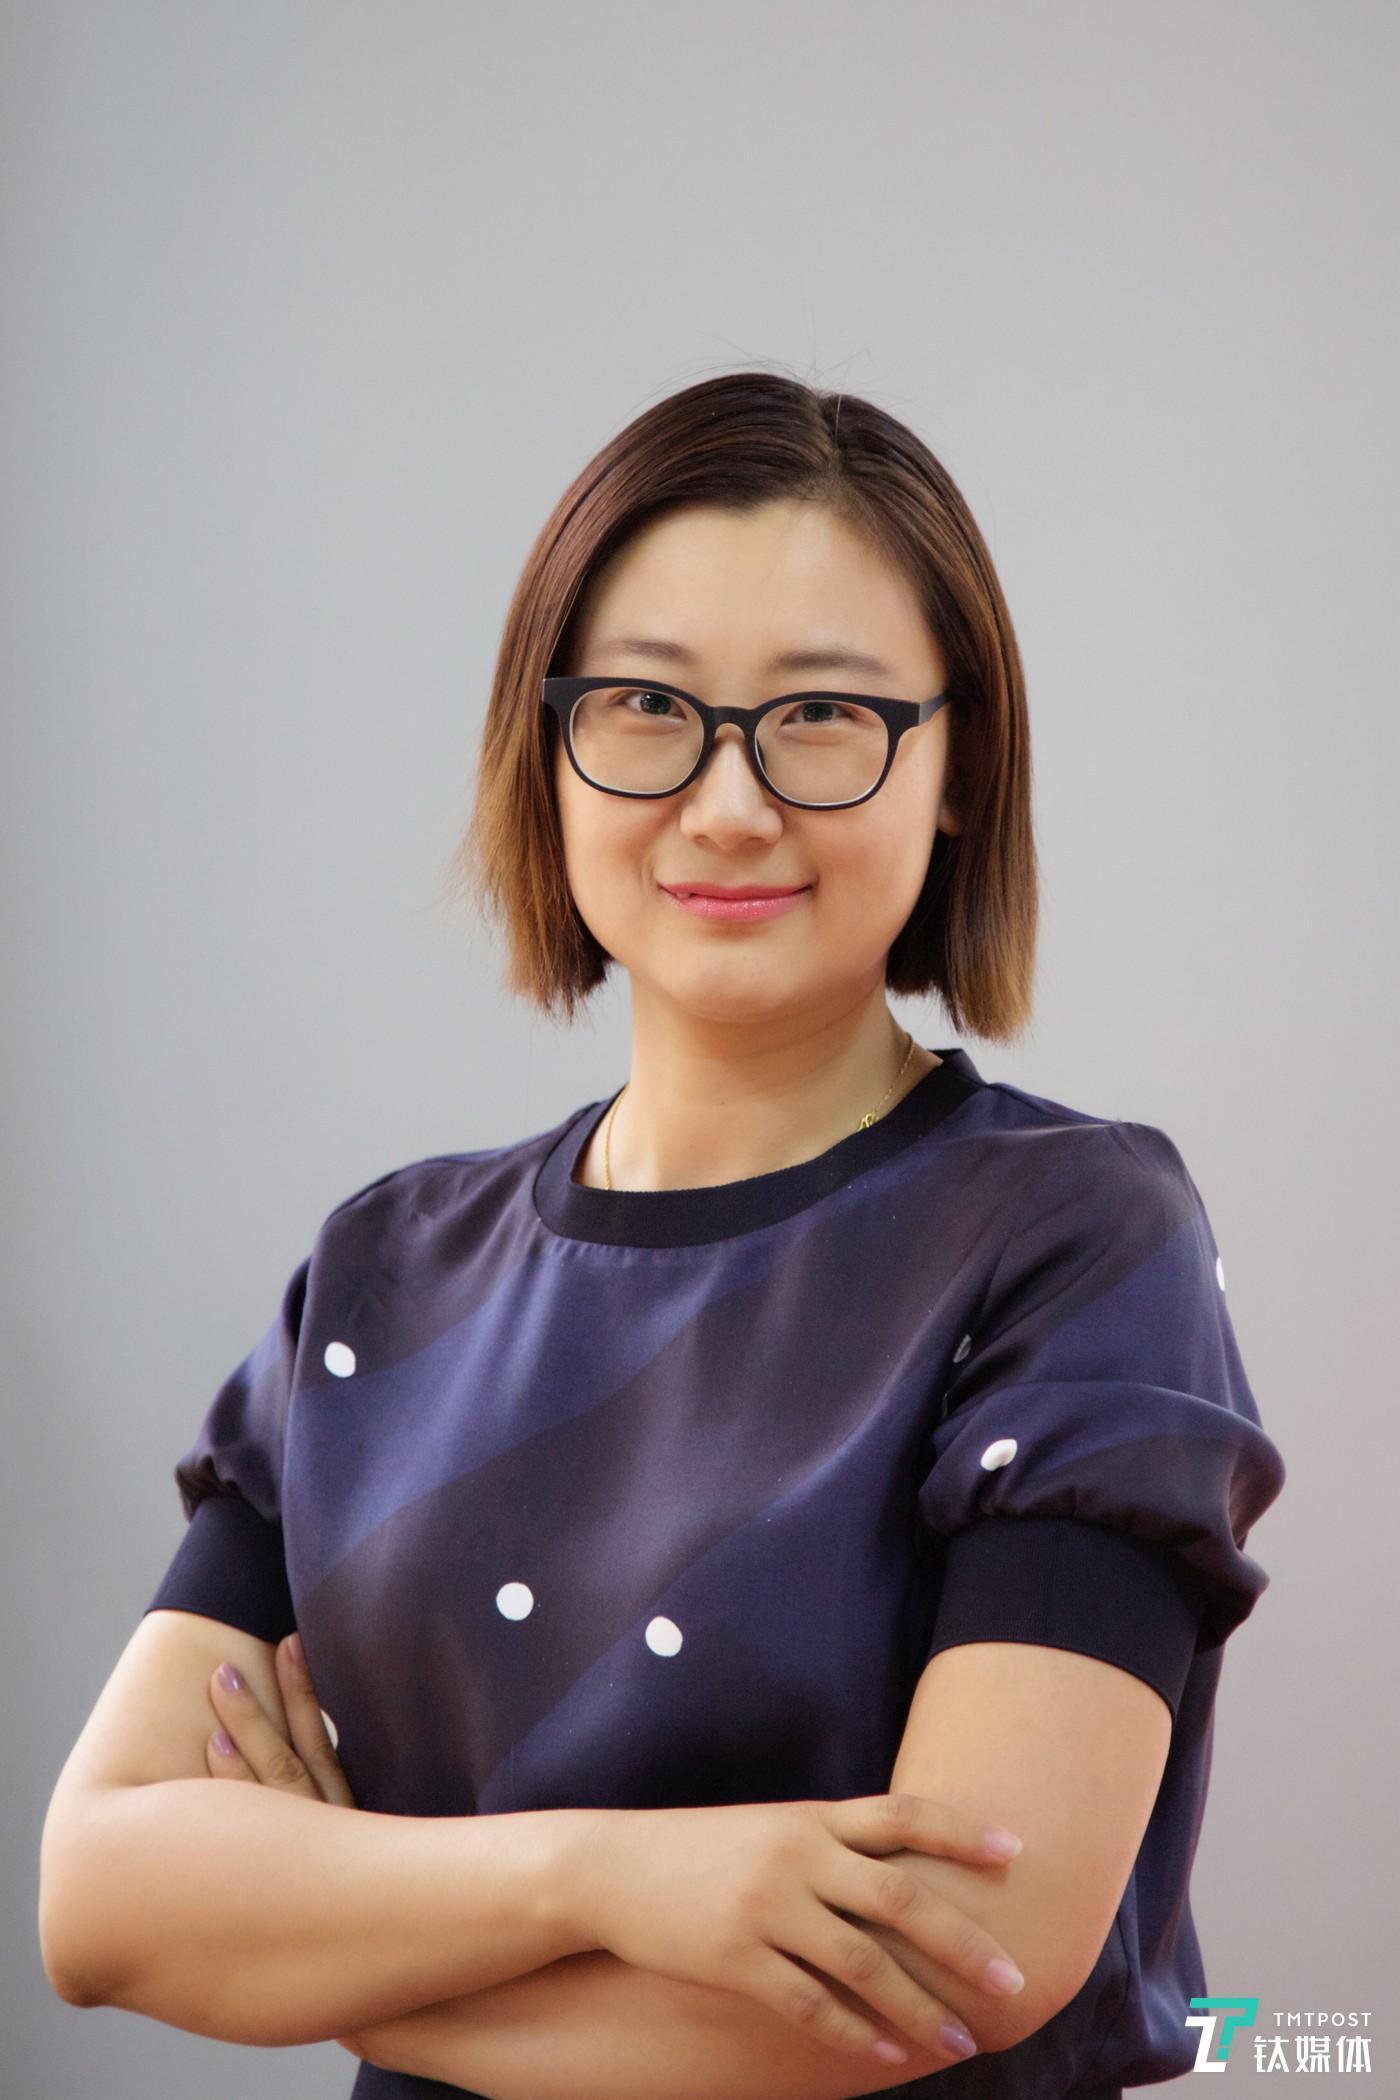 钛媒体合伙人、内容副总裁 杨瑨